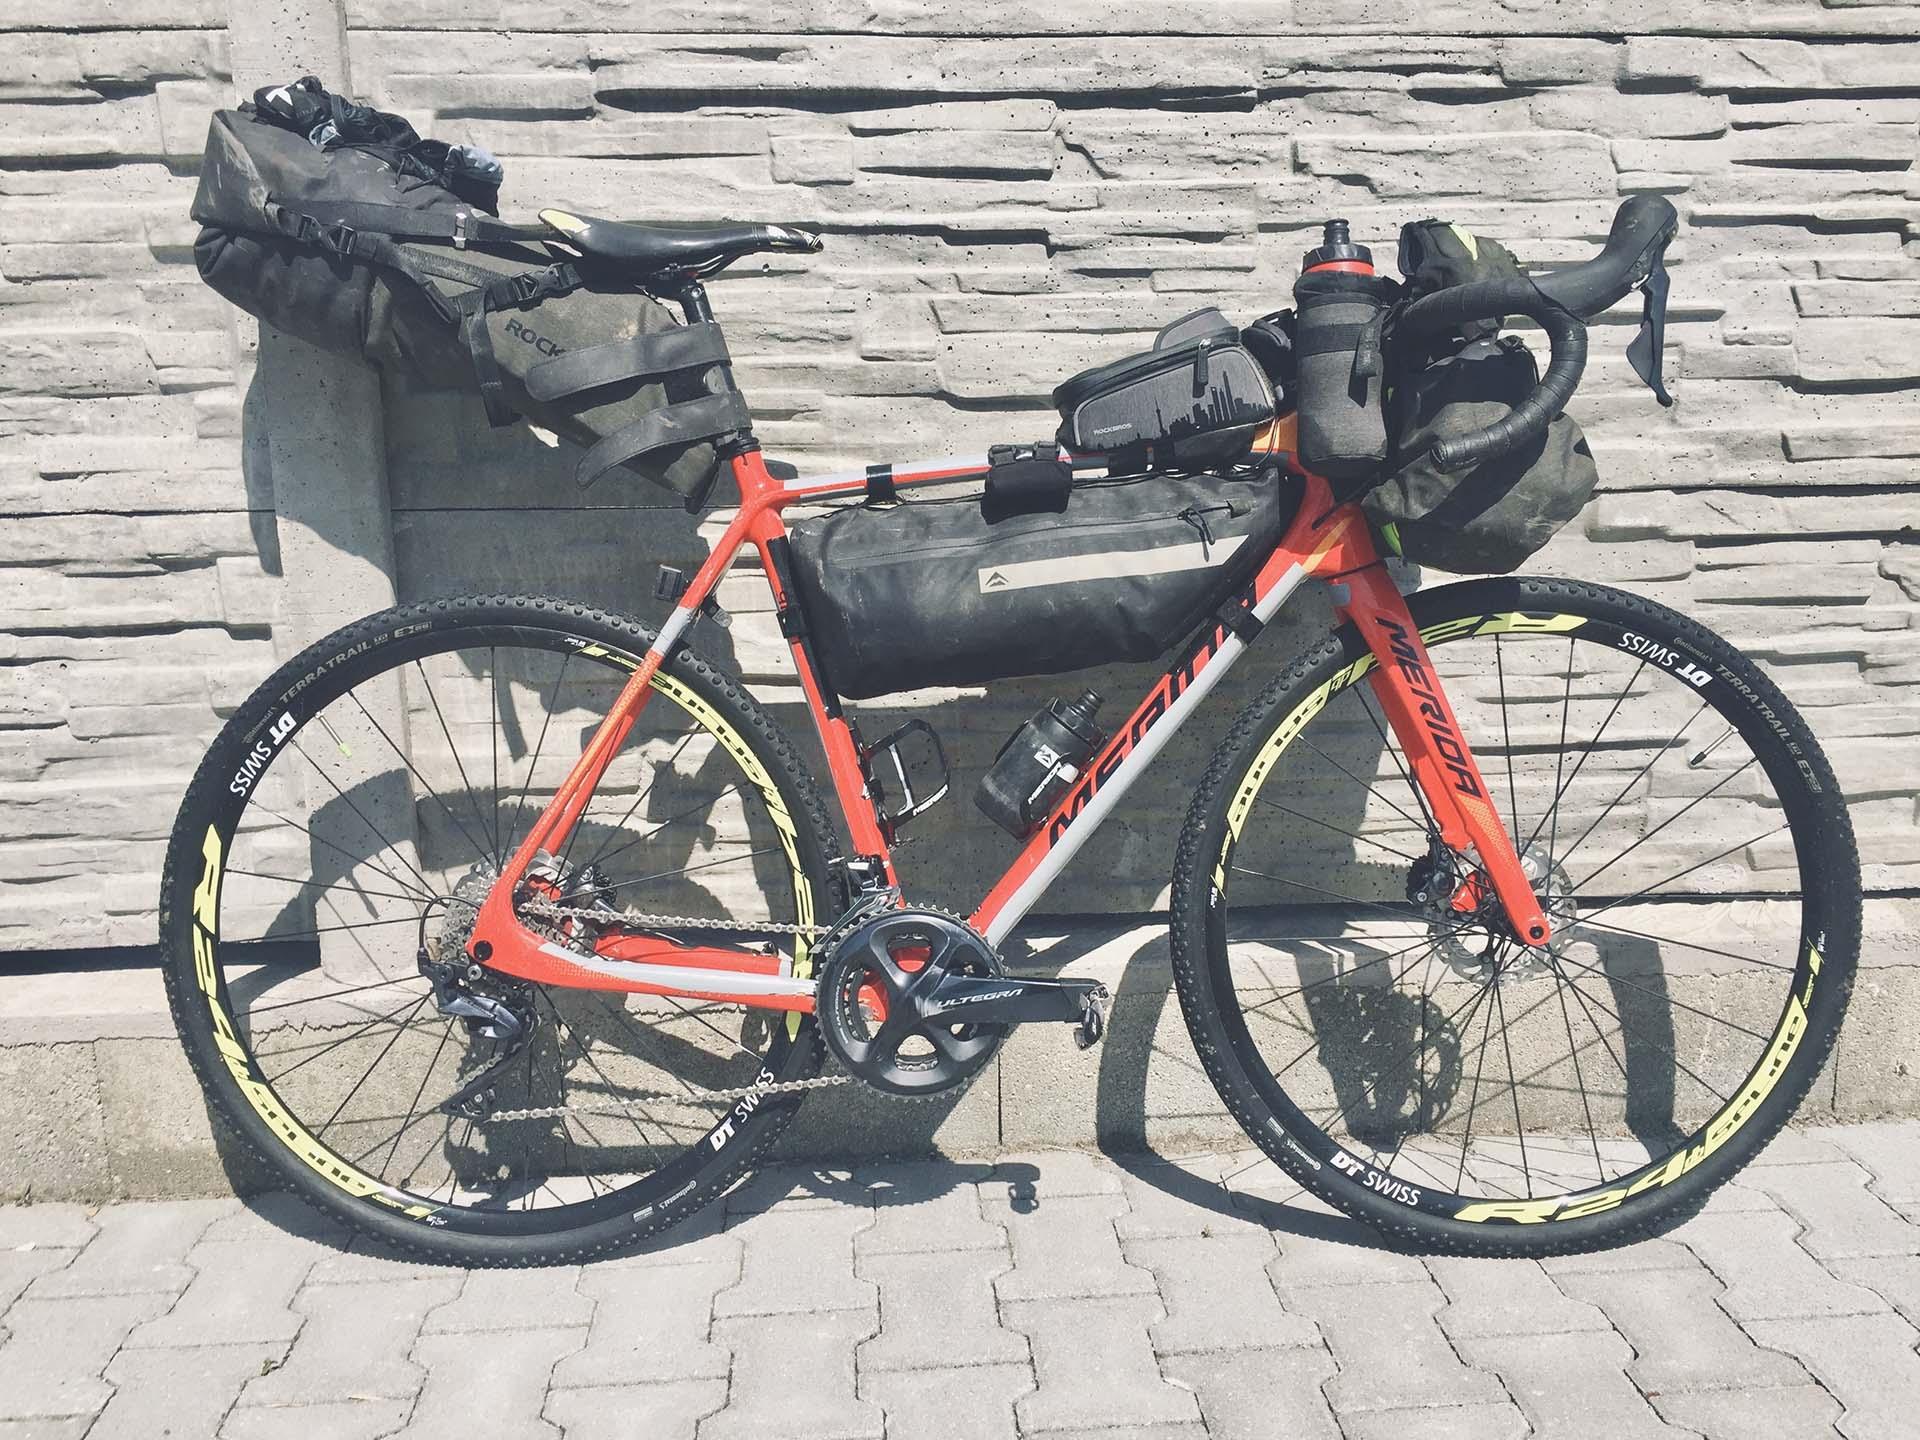 Európa egyik legkeményebb offroad kerékpártúrája van kialakulóban hazánkban - A Hungarian Divide-7